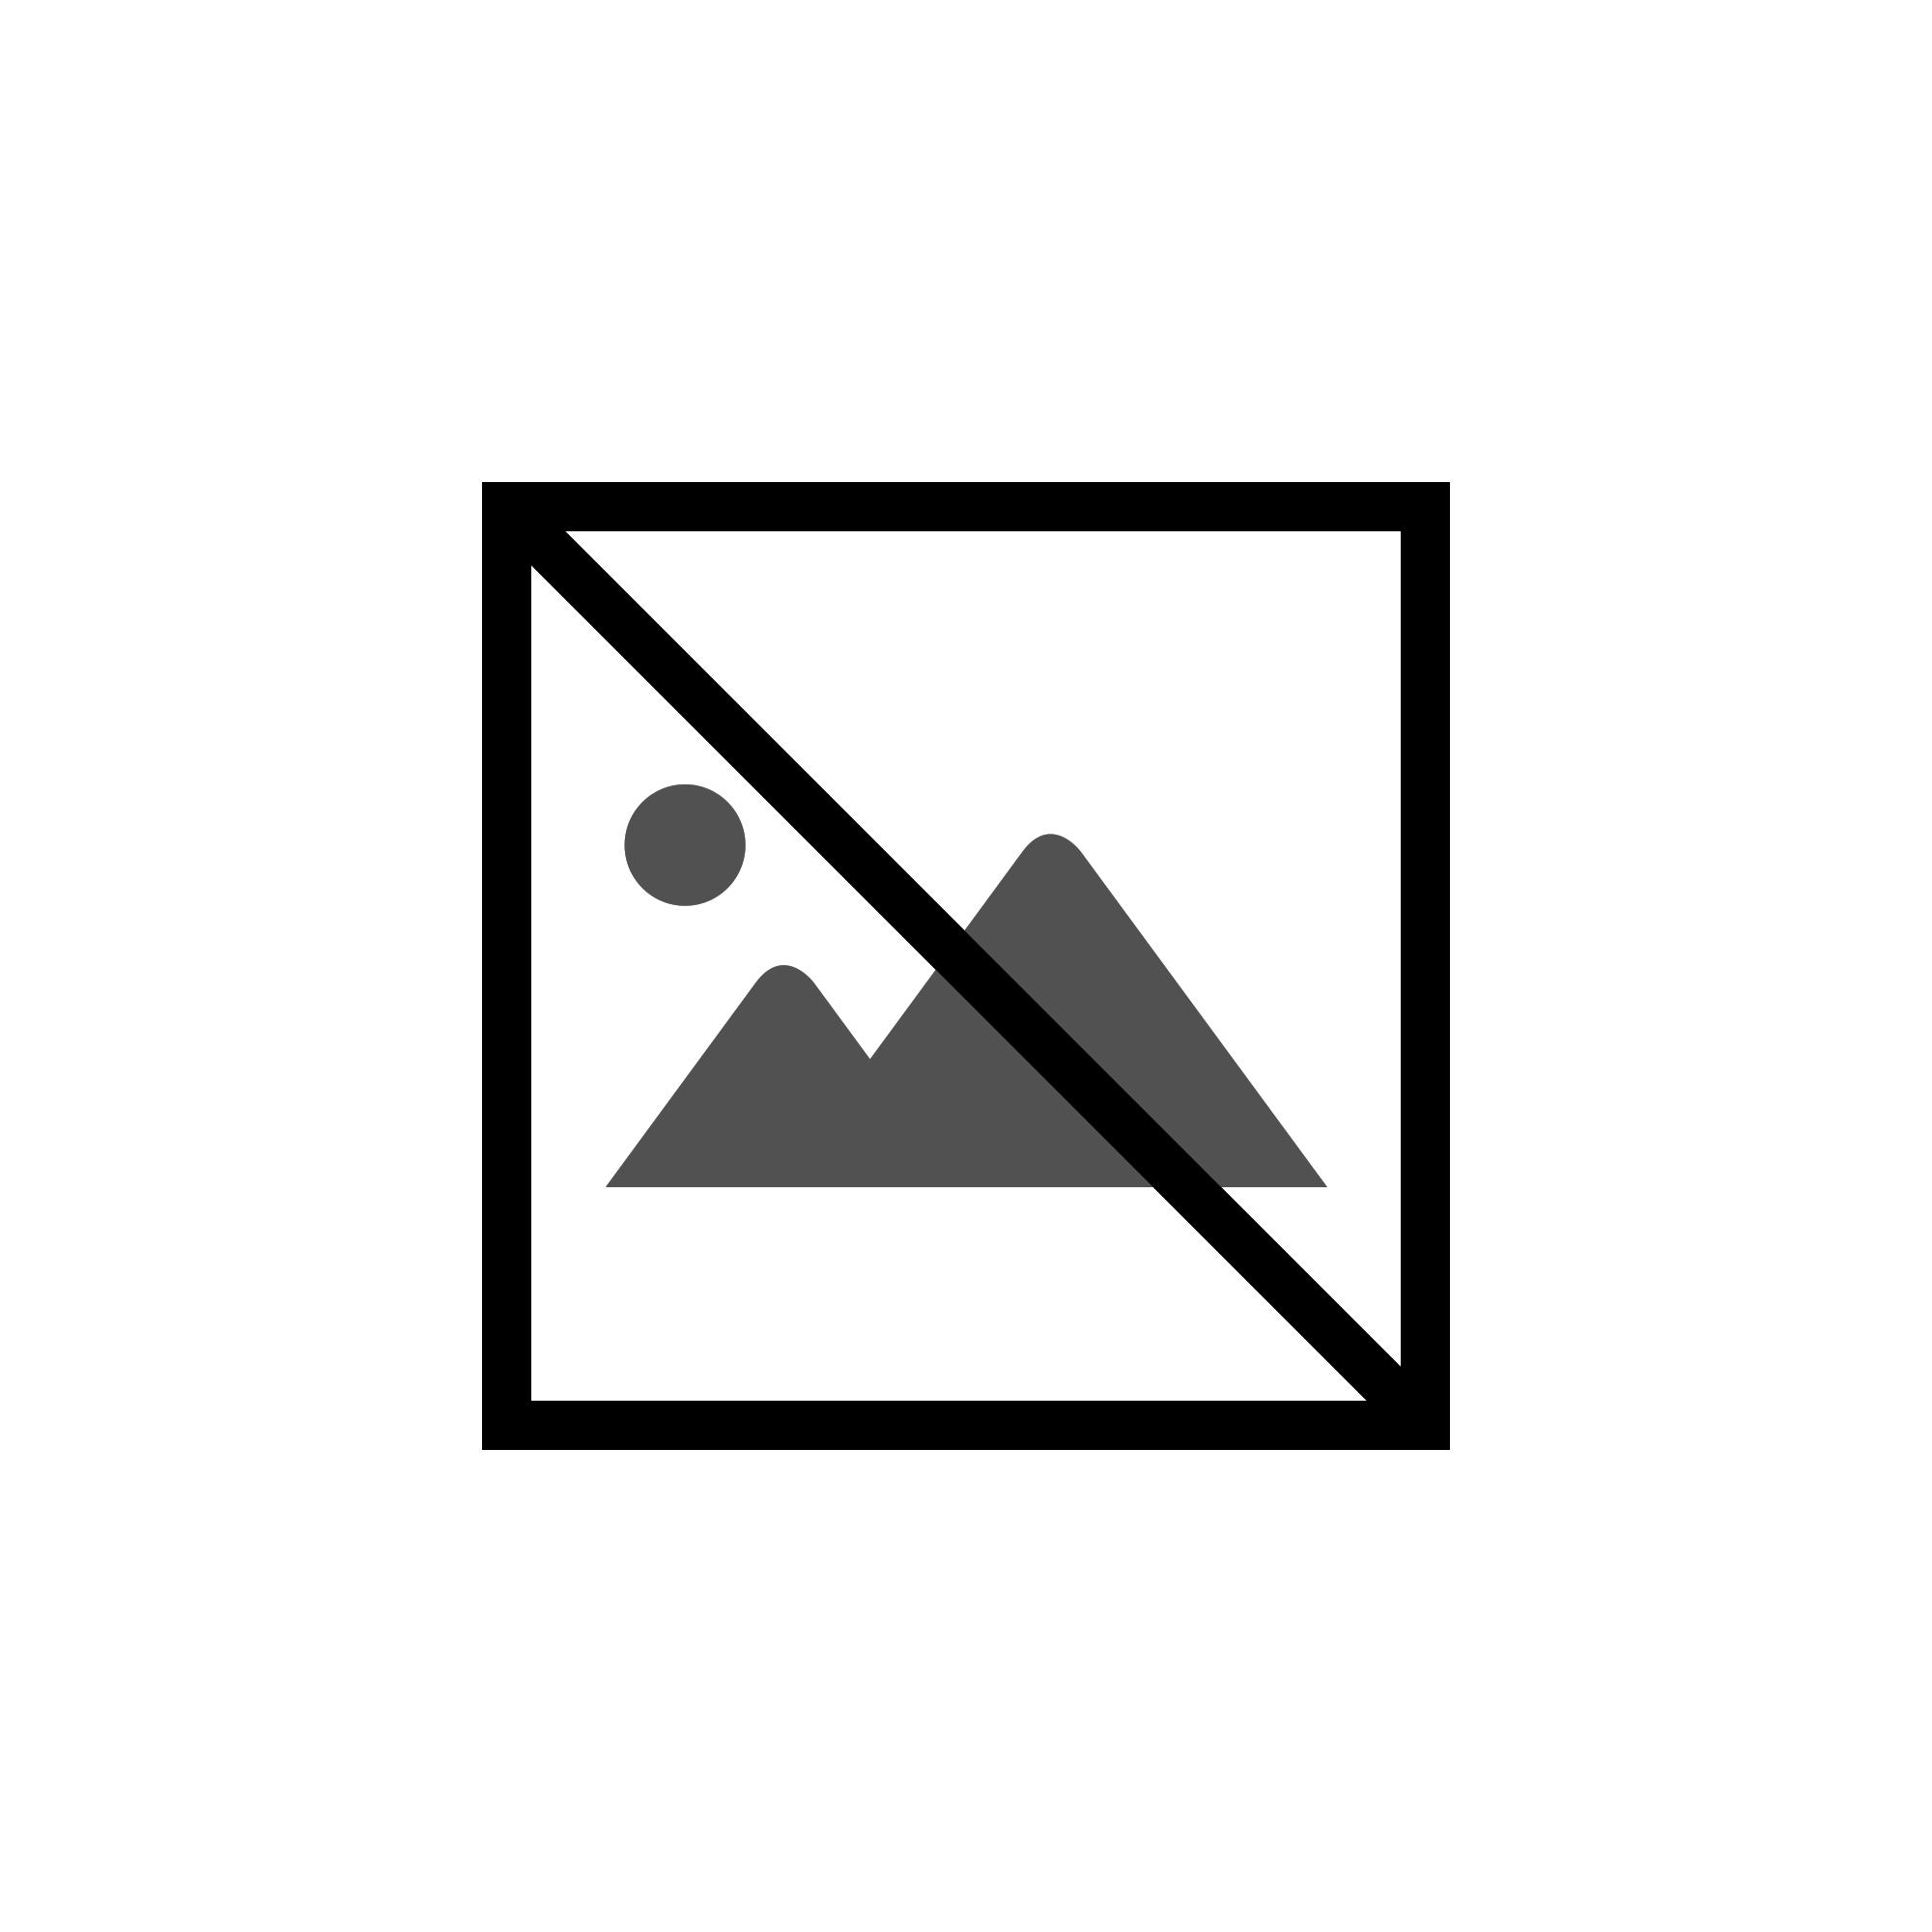 Marítimo, Jogada, Benachour, 50m